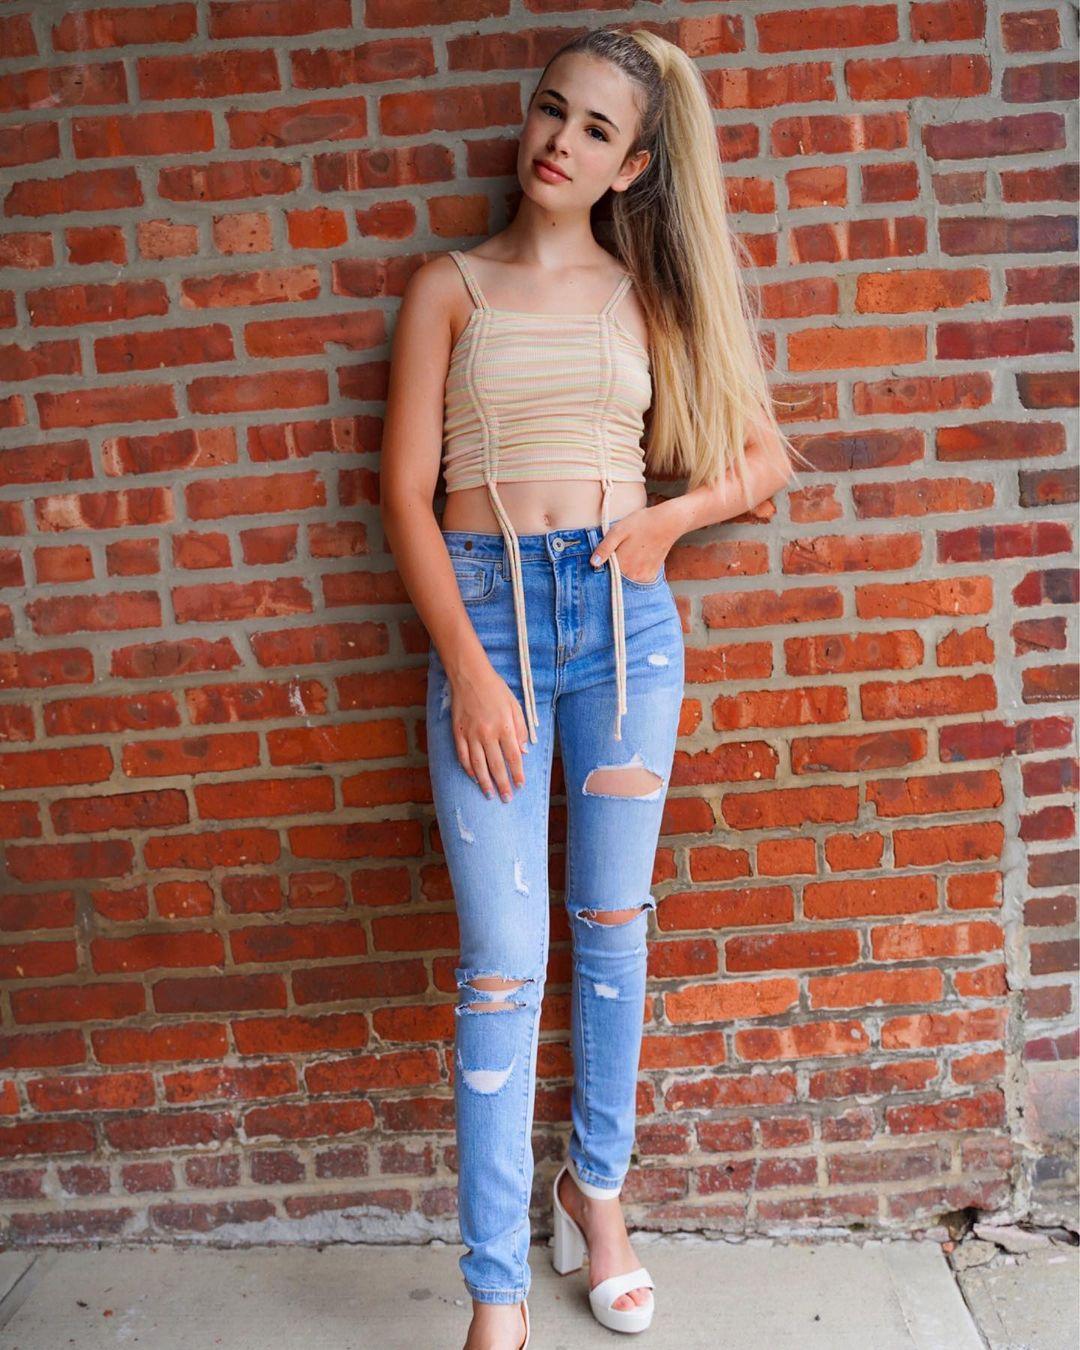 Lexia-Hayden-Wallpapers-Insta-Fit-Bio-11